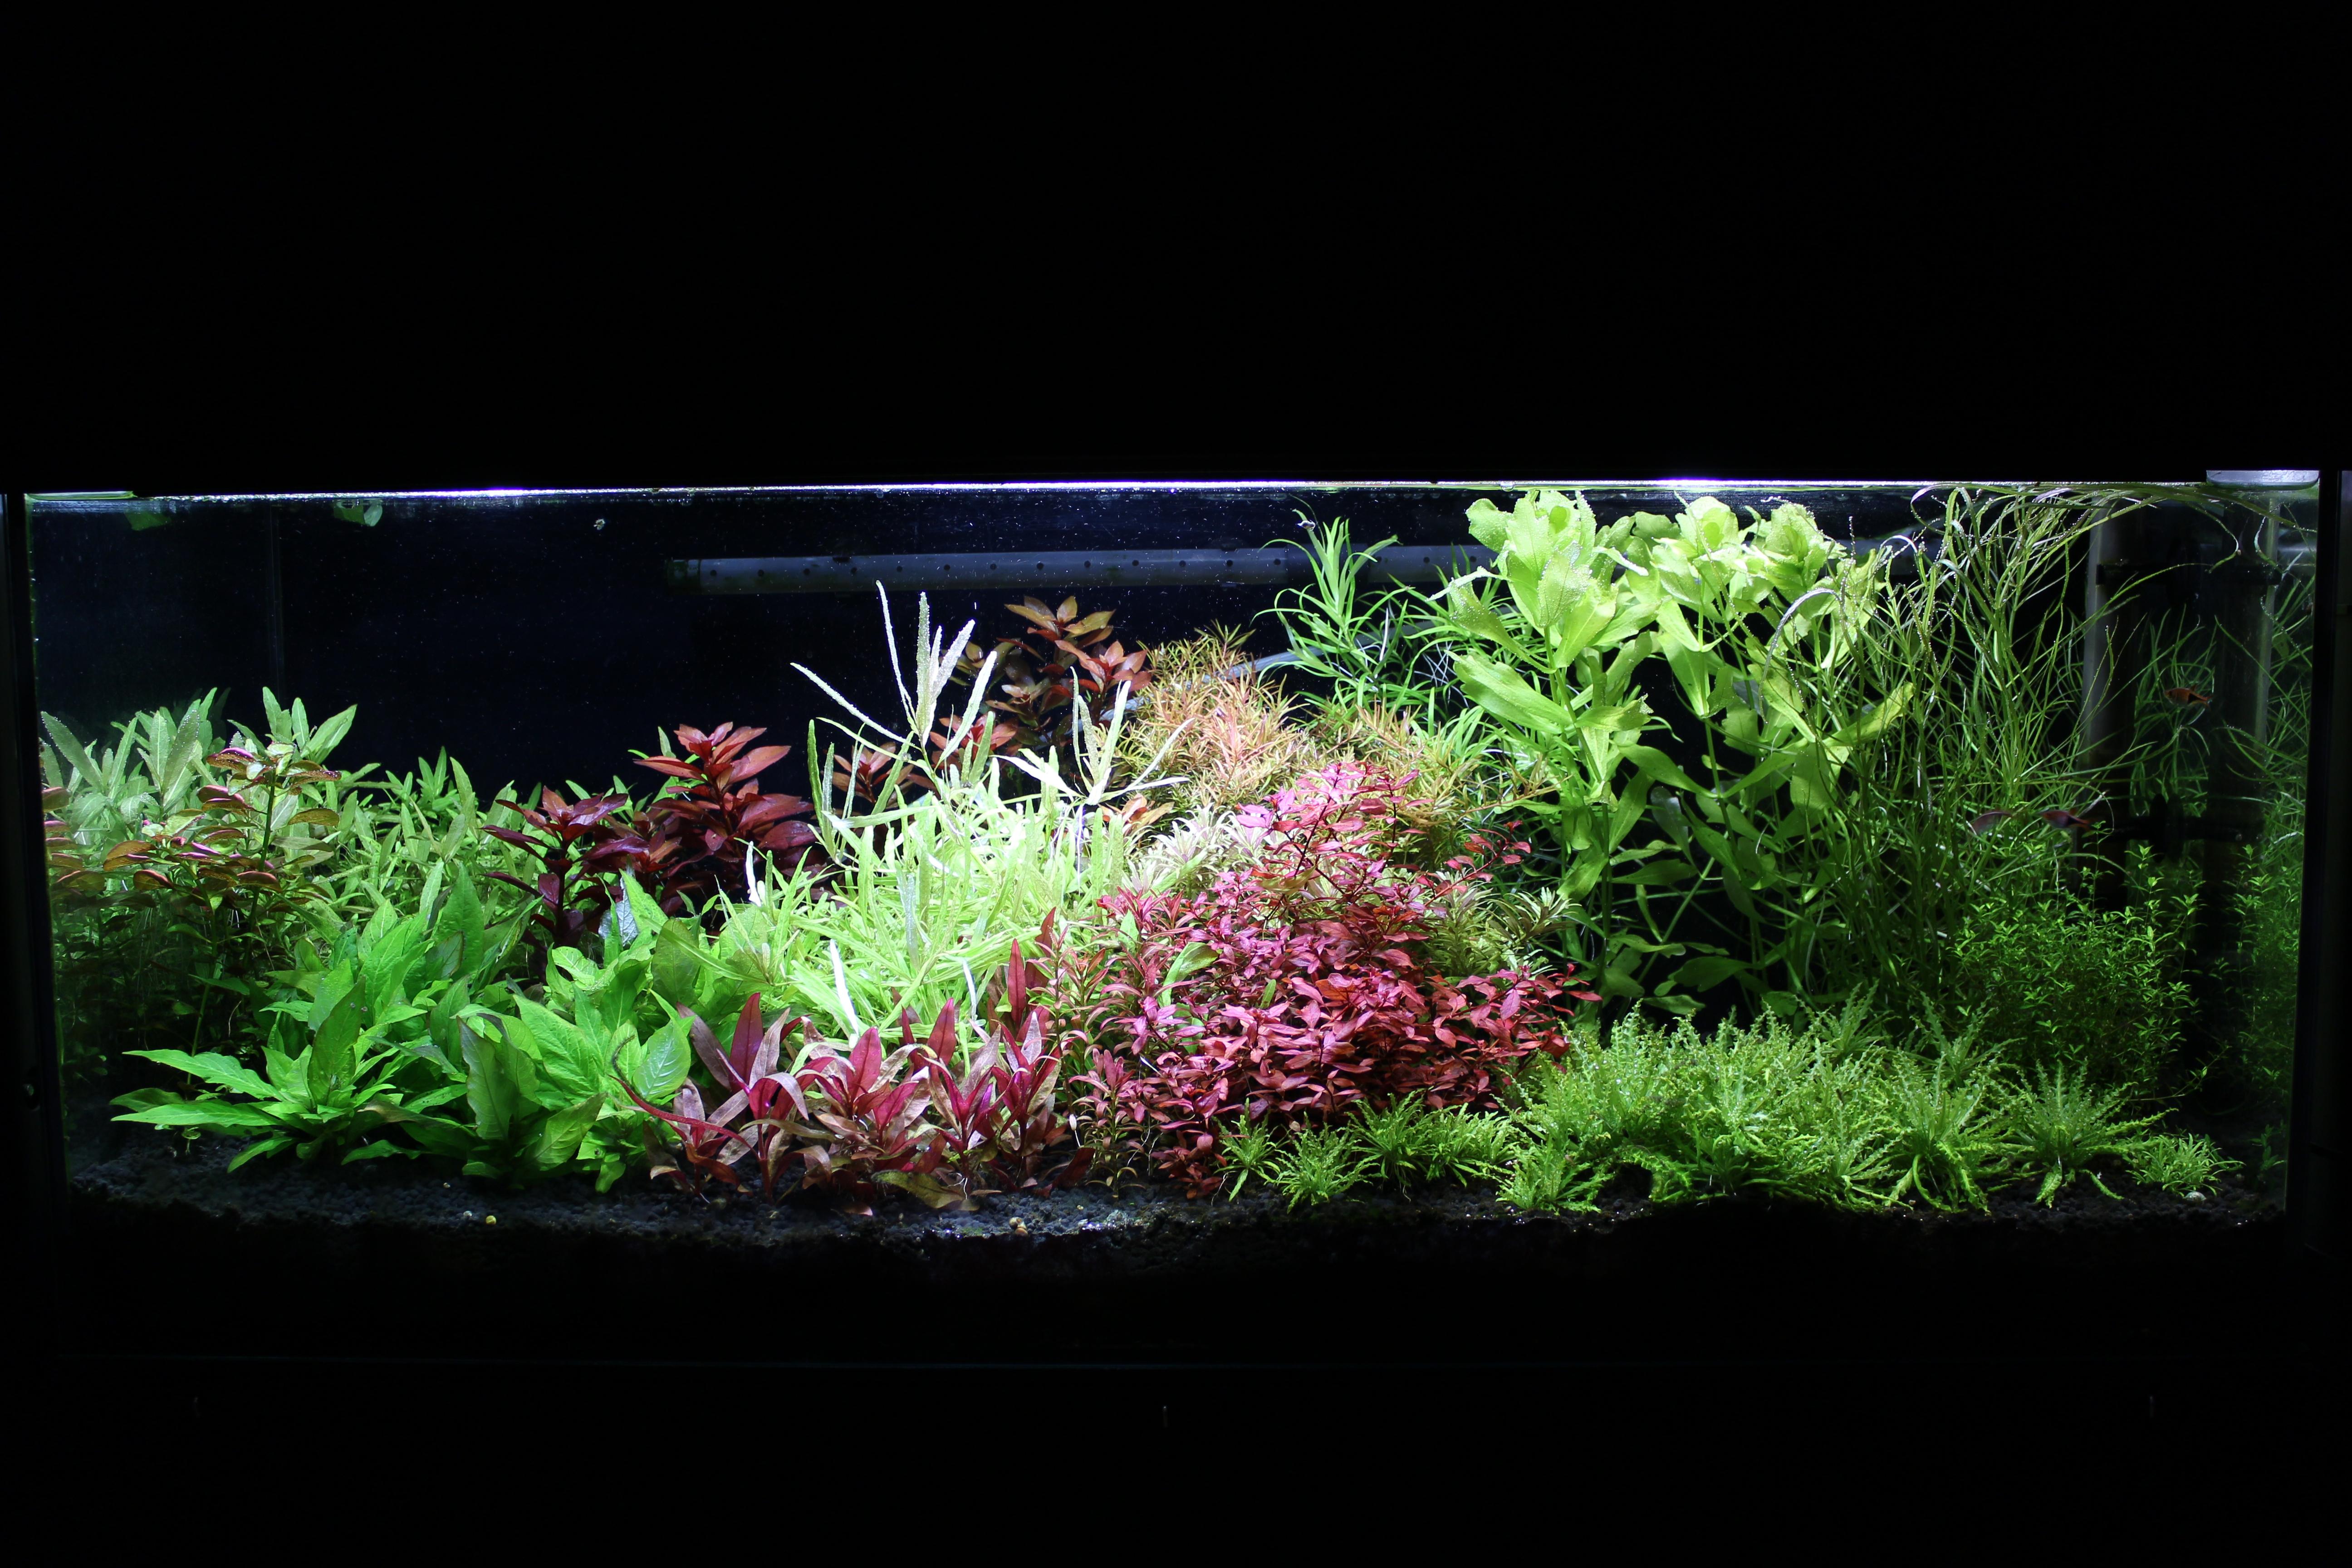 yokuchi soil + aquagrower